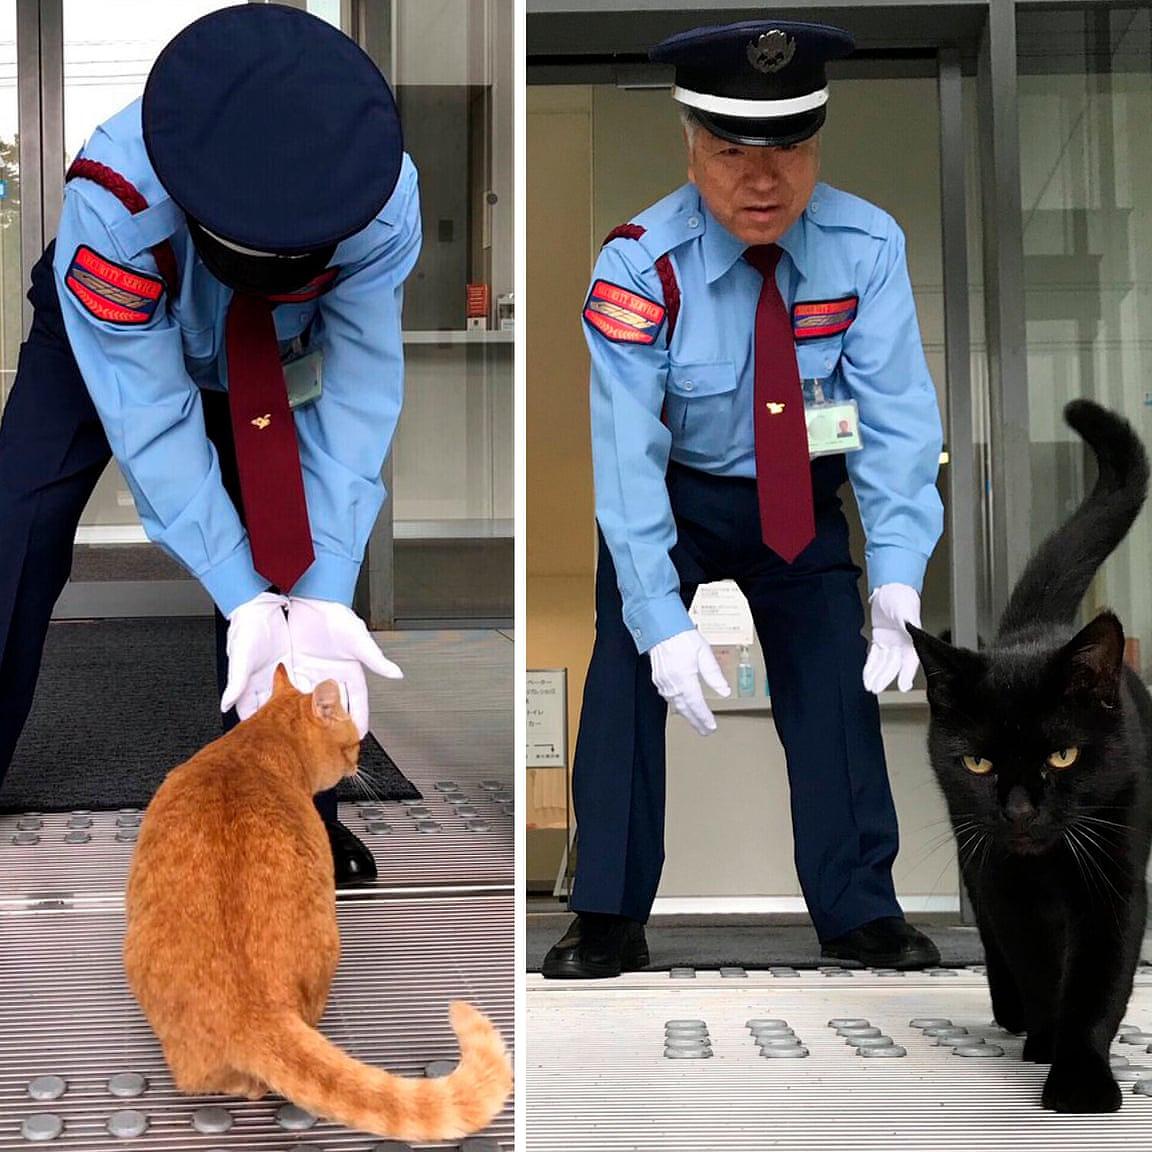 Macskák hozták meg a hírnevet egy japán múzeum számára